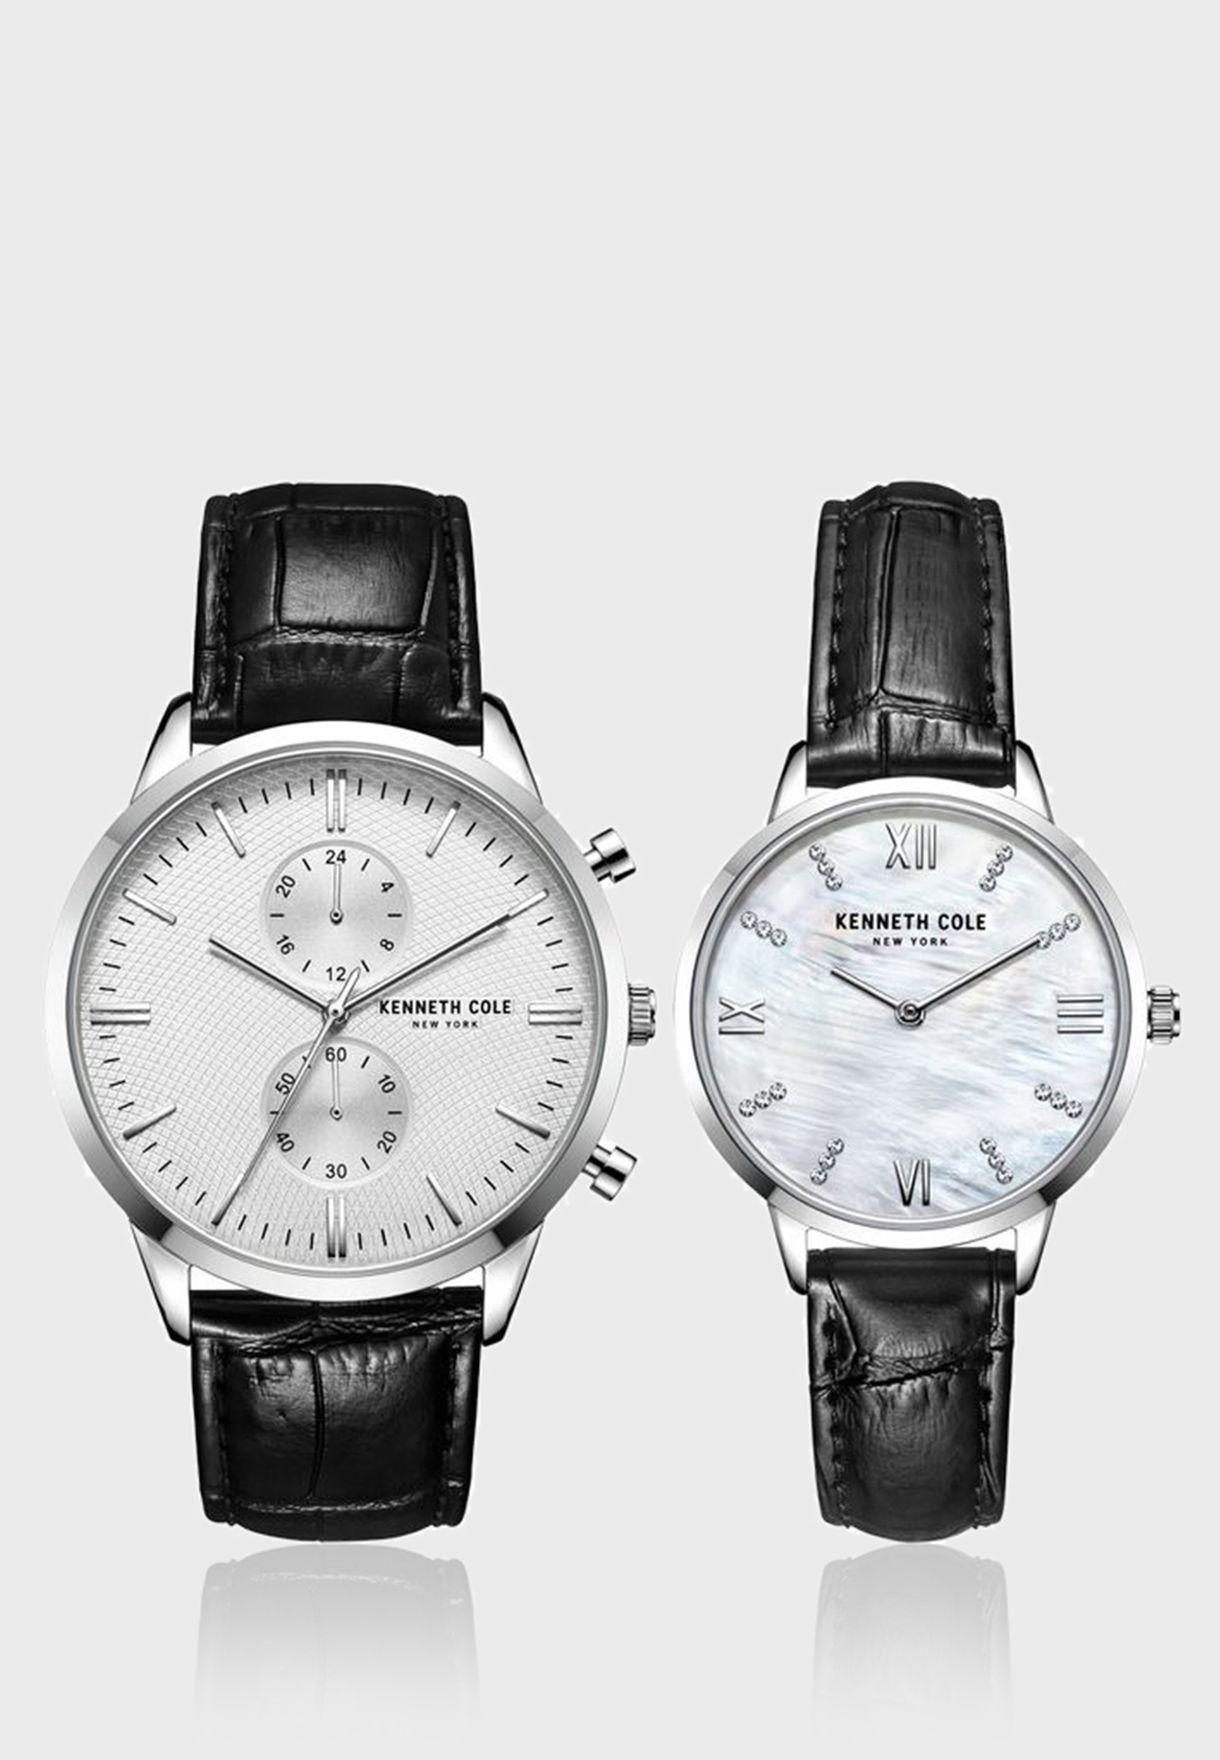 كينيث كول طقم ساعة بسوار جلدي للجنسين - KC50993001